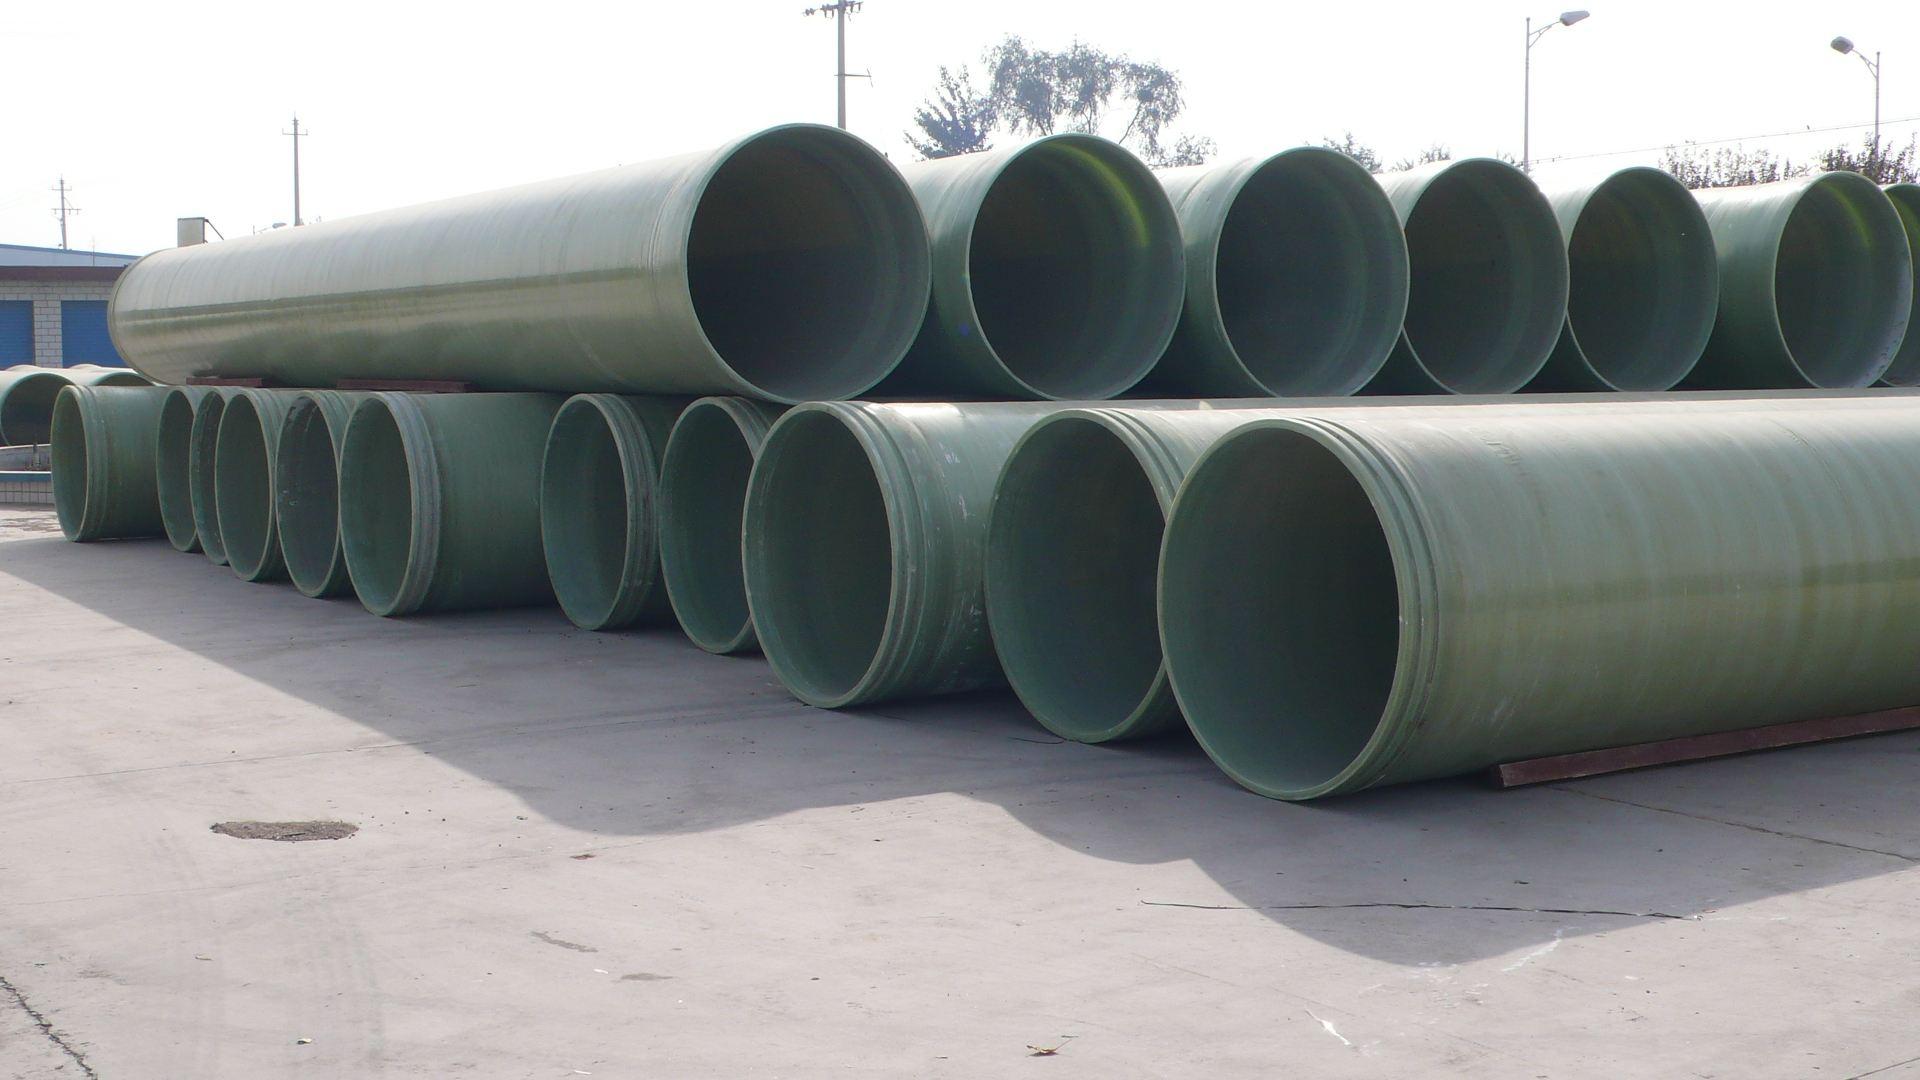 玻璃钢管价格 玻璃钢管批发价格 玻璃钢管优质供应商 河北玻璃钢管供应商